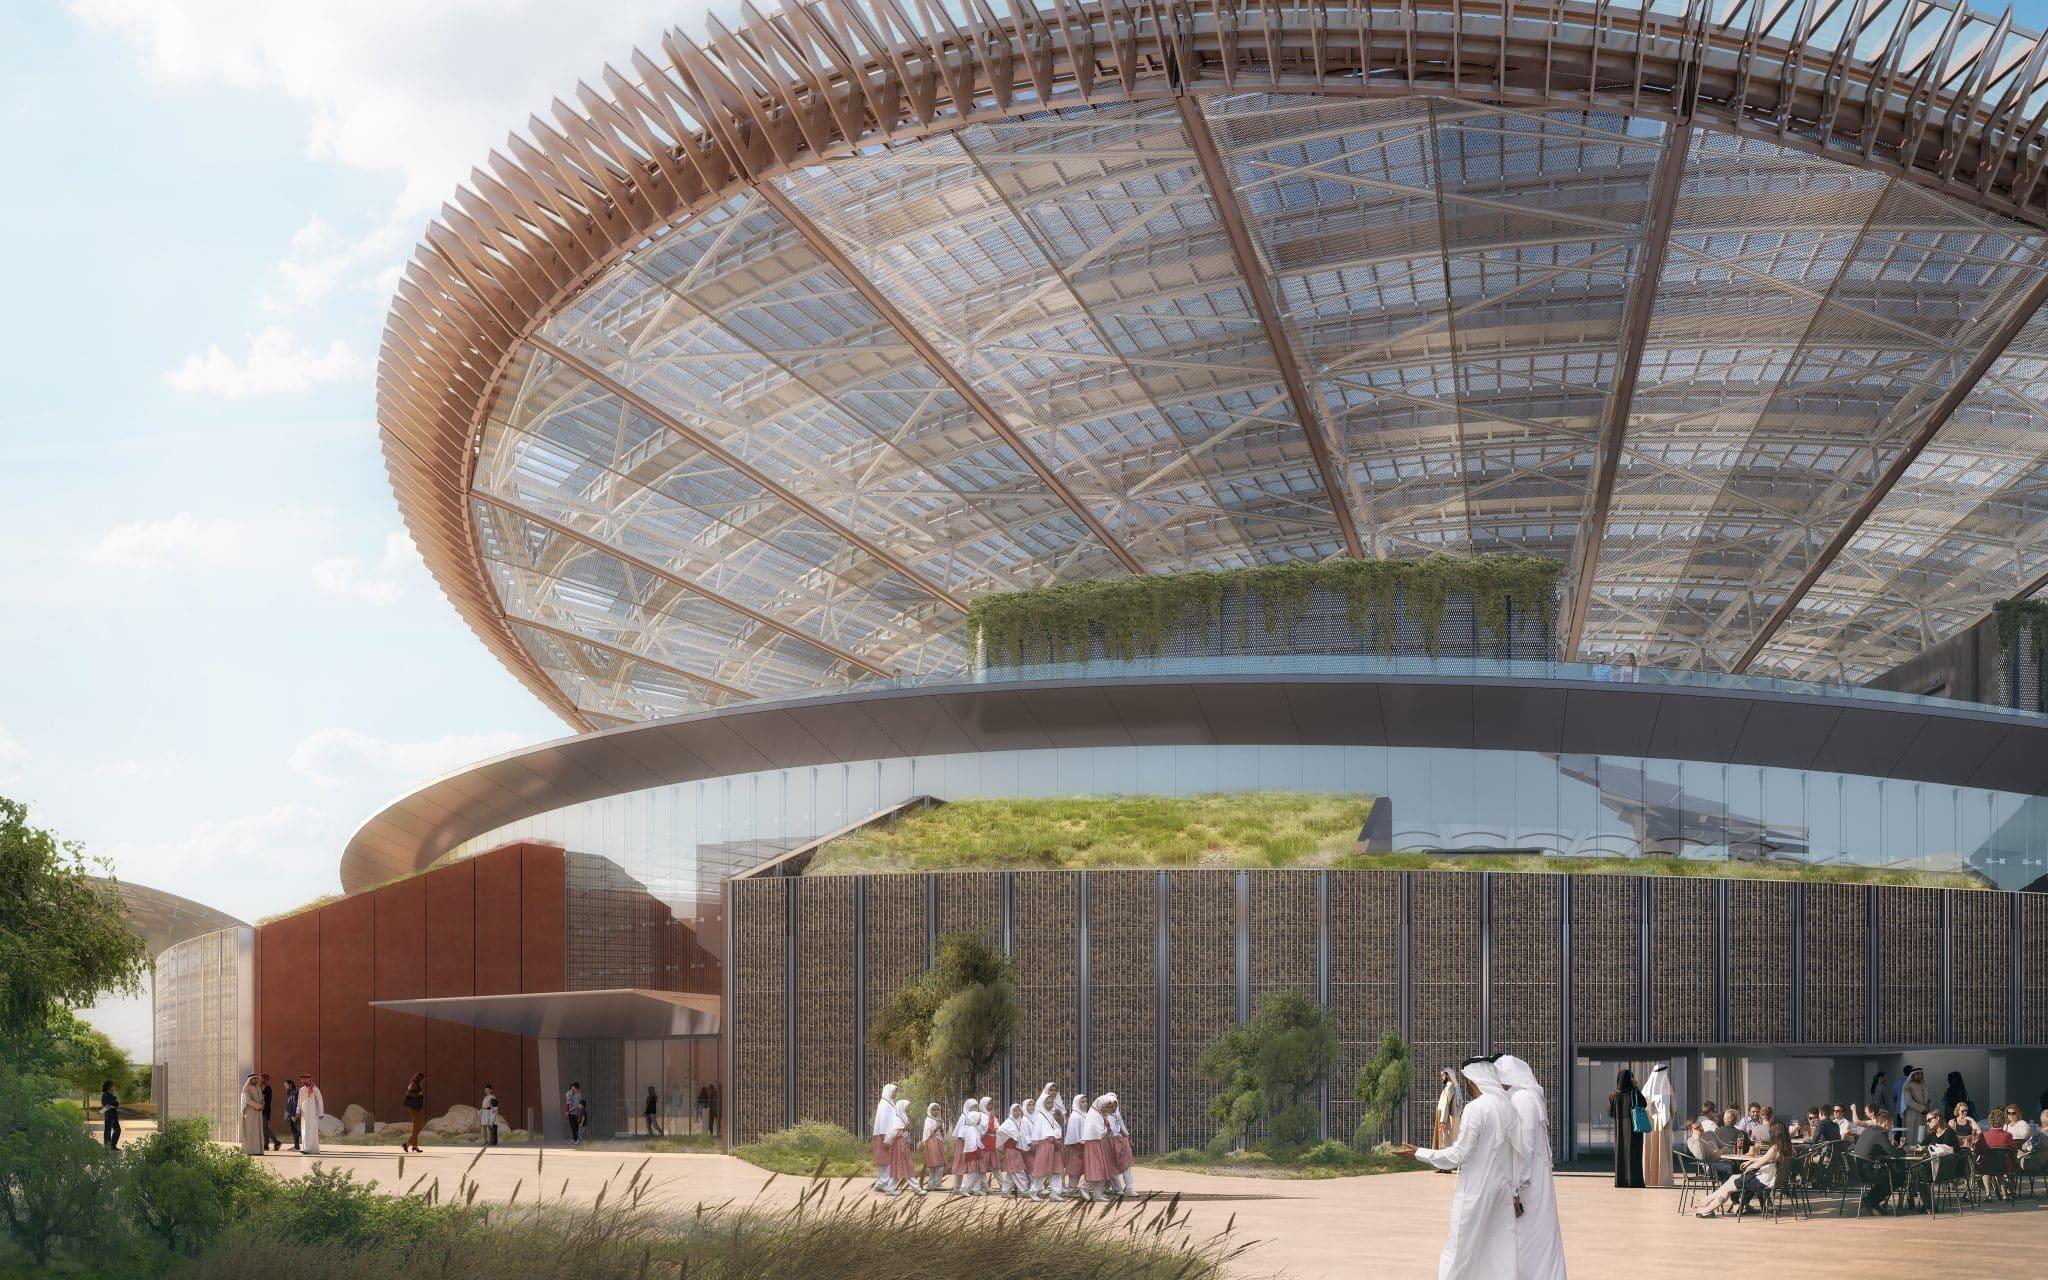 Dubai_Expo_Entrance v2